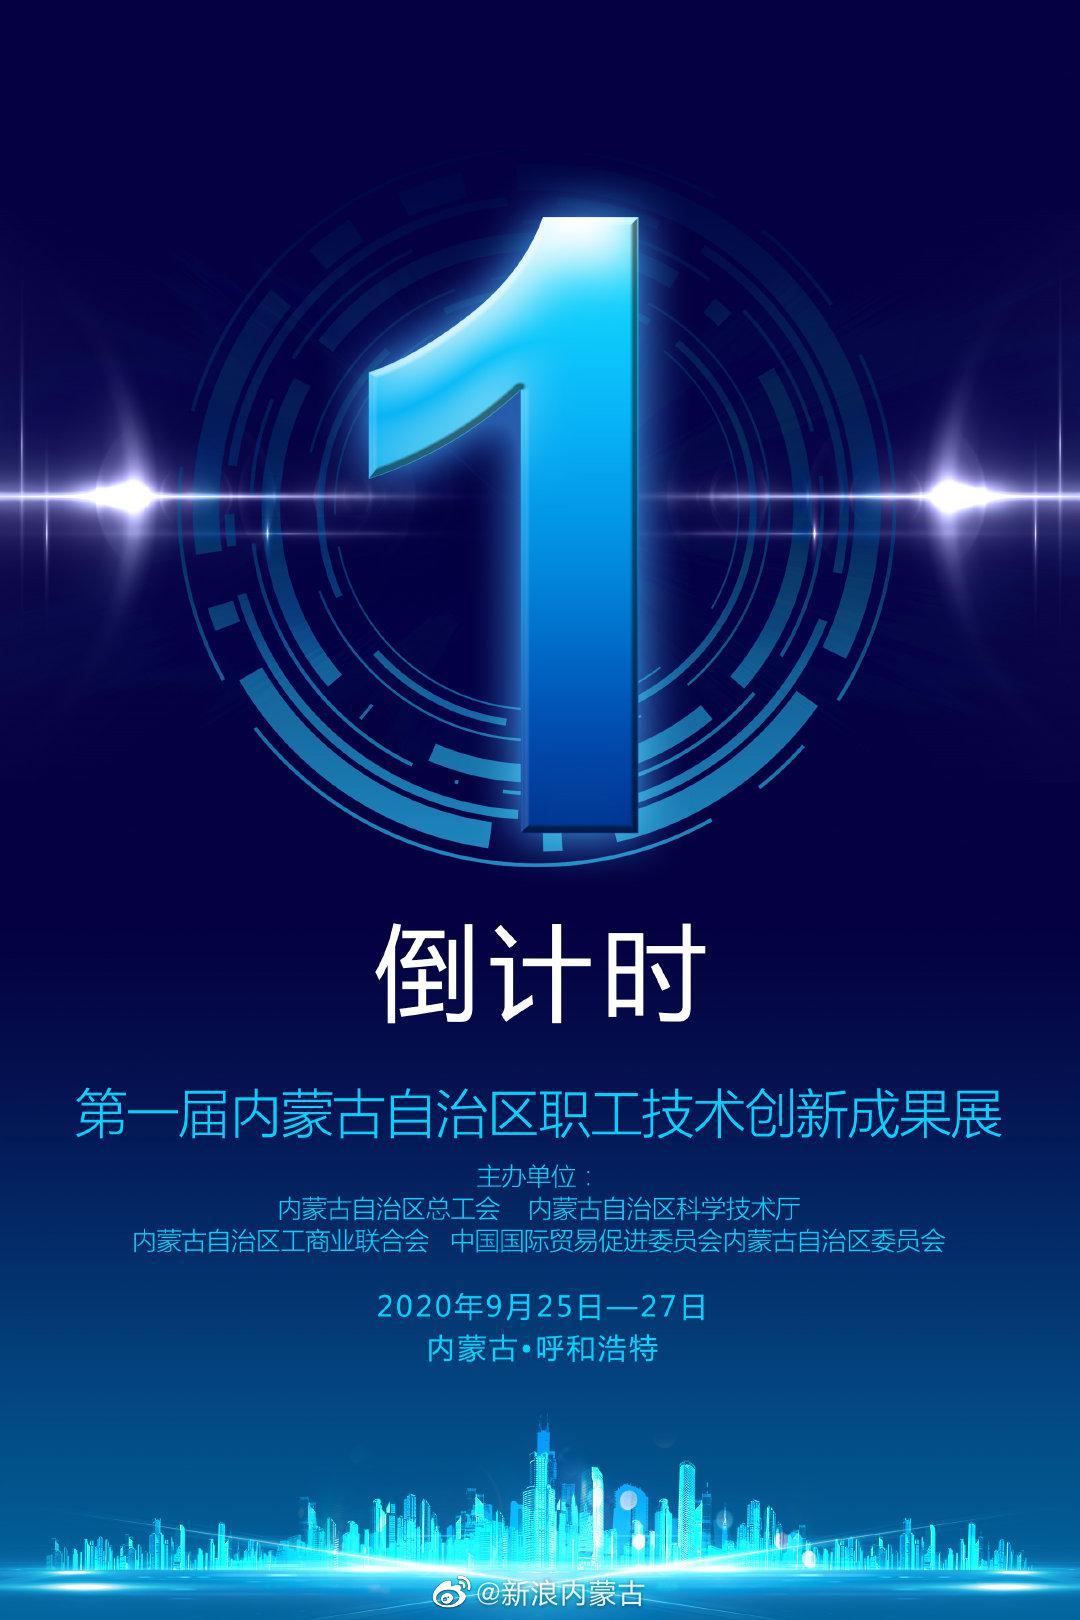 倒计时1天!第一届内蒙古自治区职工技术创新成果展 明天正式开始